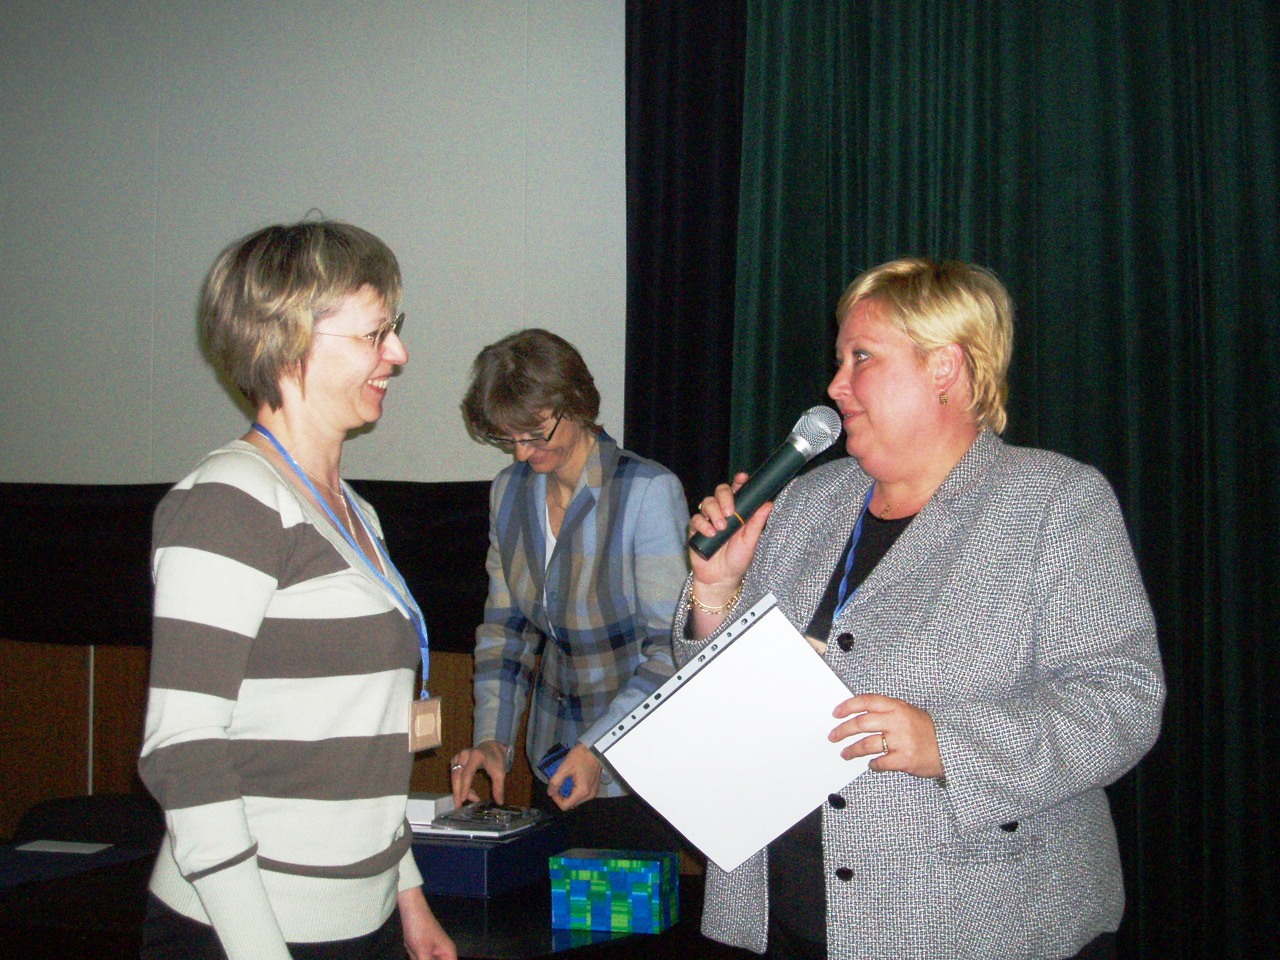 Odovzdávanie ceny sympatií TOP WebLib 2006